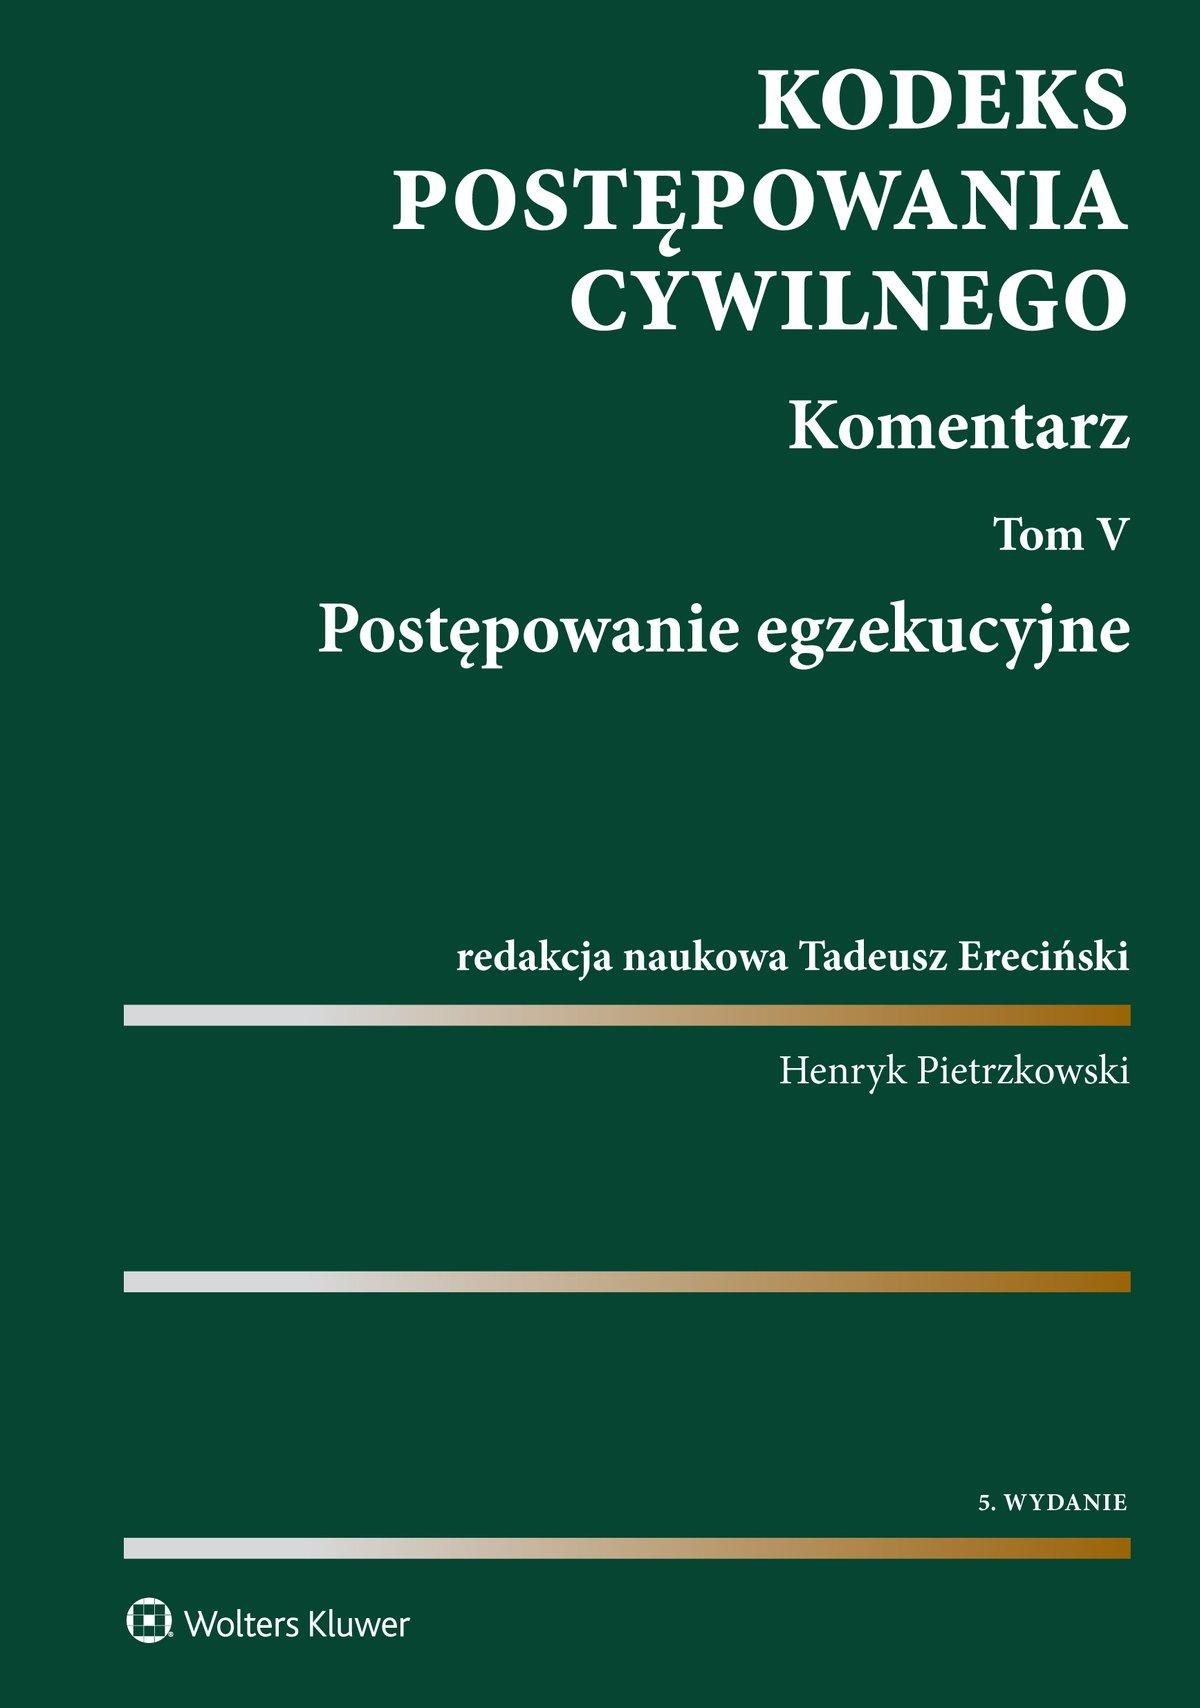 Kodeks postępowania cywilnego. Komentarz. Tom 5. Postępowanie egzekucyjne - Ebook (Książka PDF) do pobrania w formacie PDF